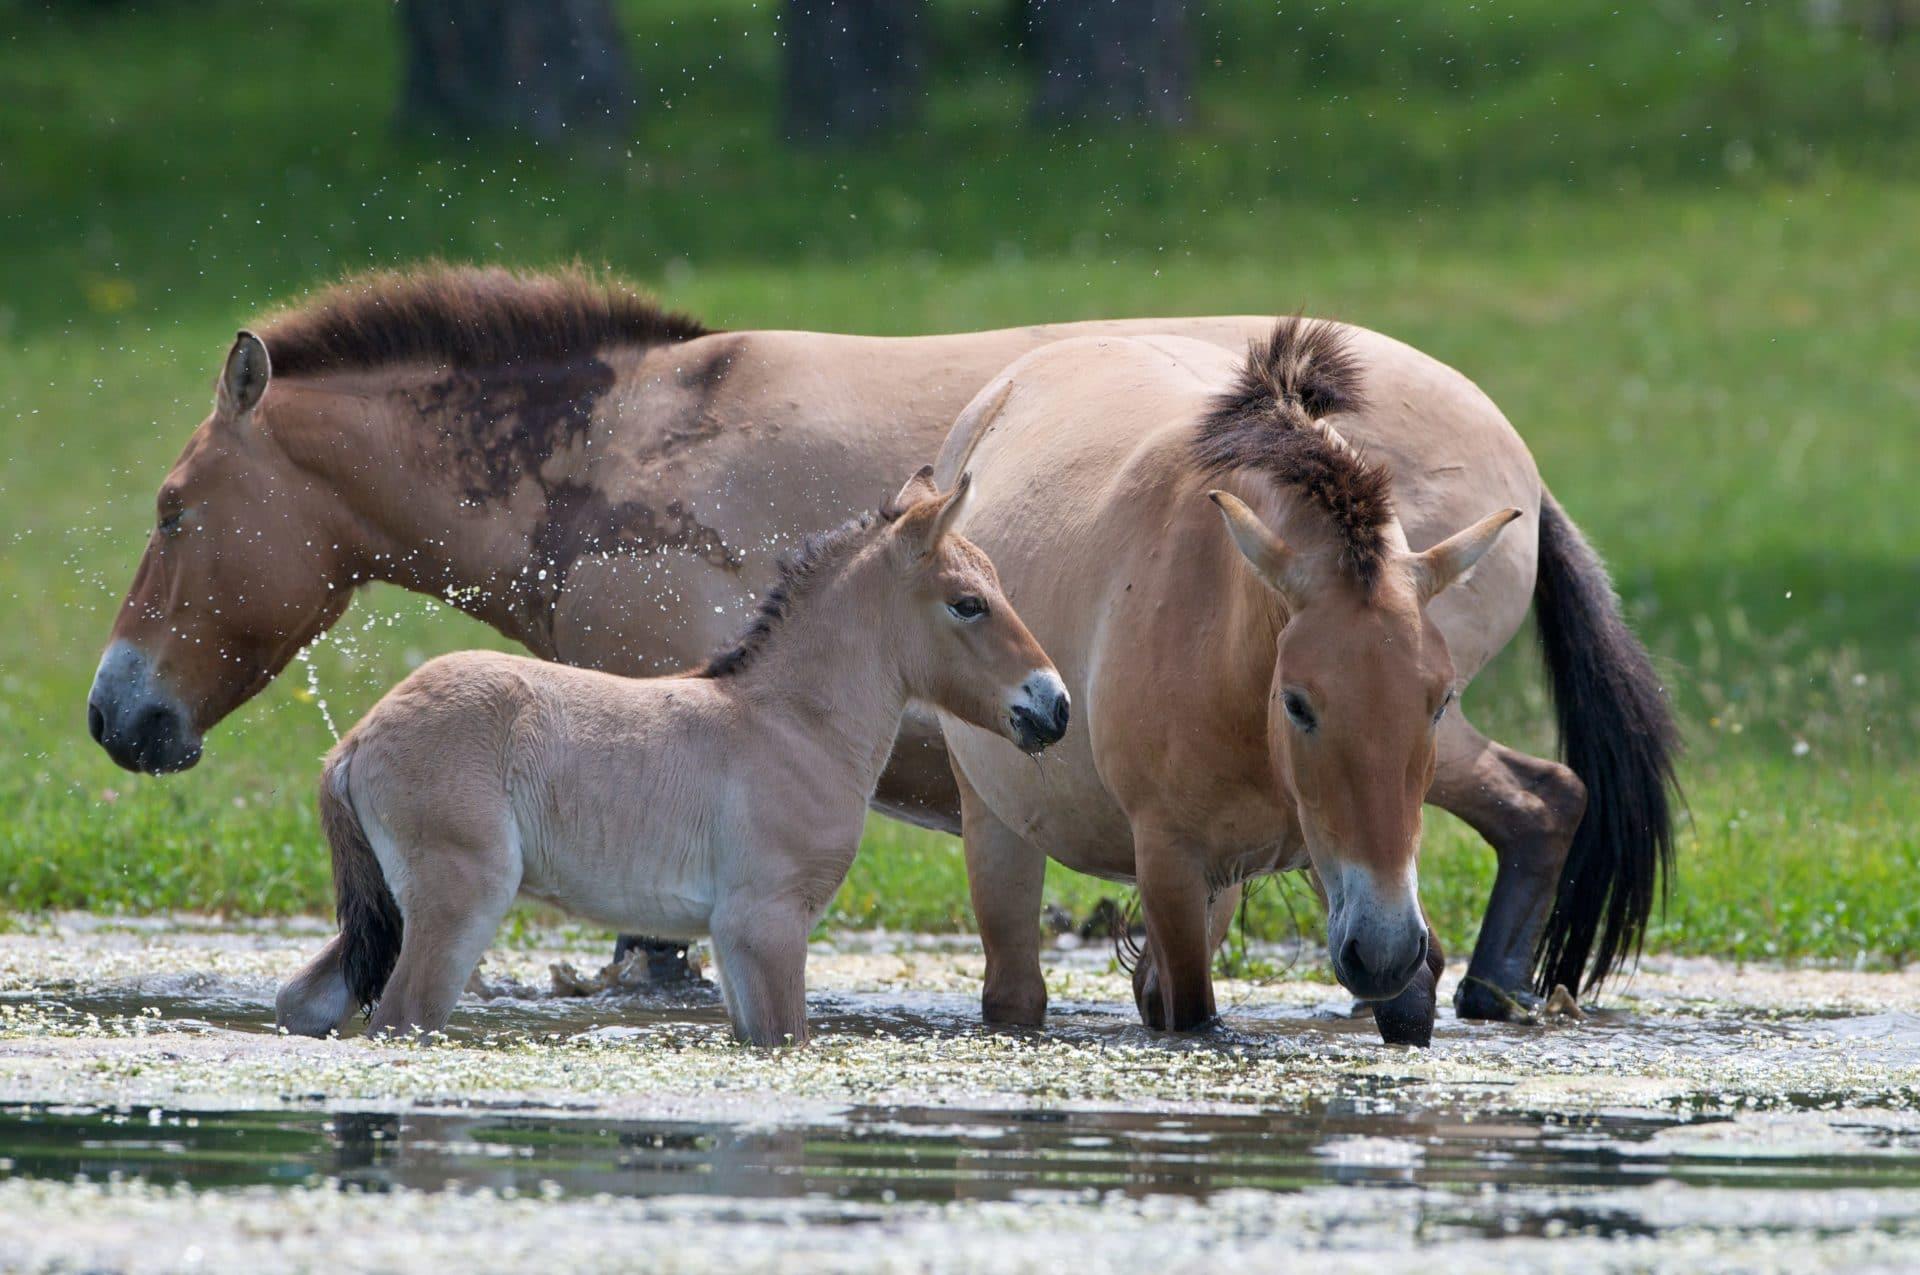 Les chevaux de Przewalski de La Réserve des Monts d'Azur